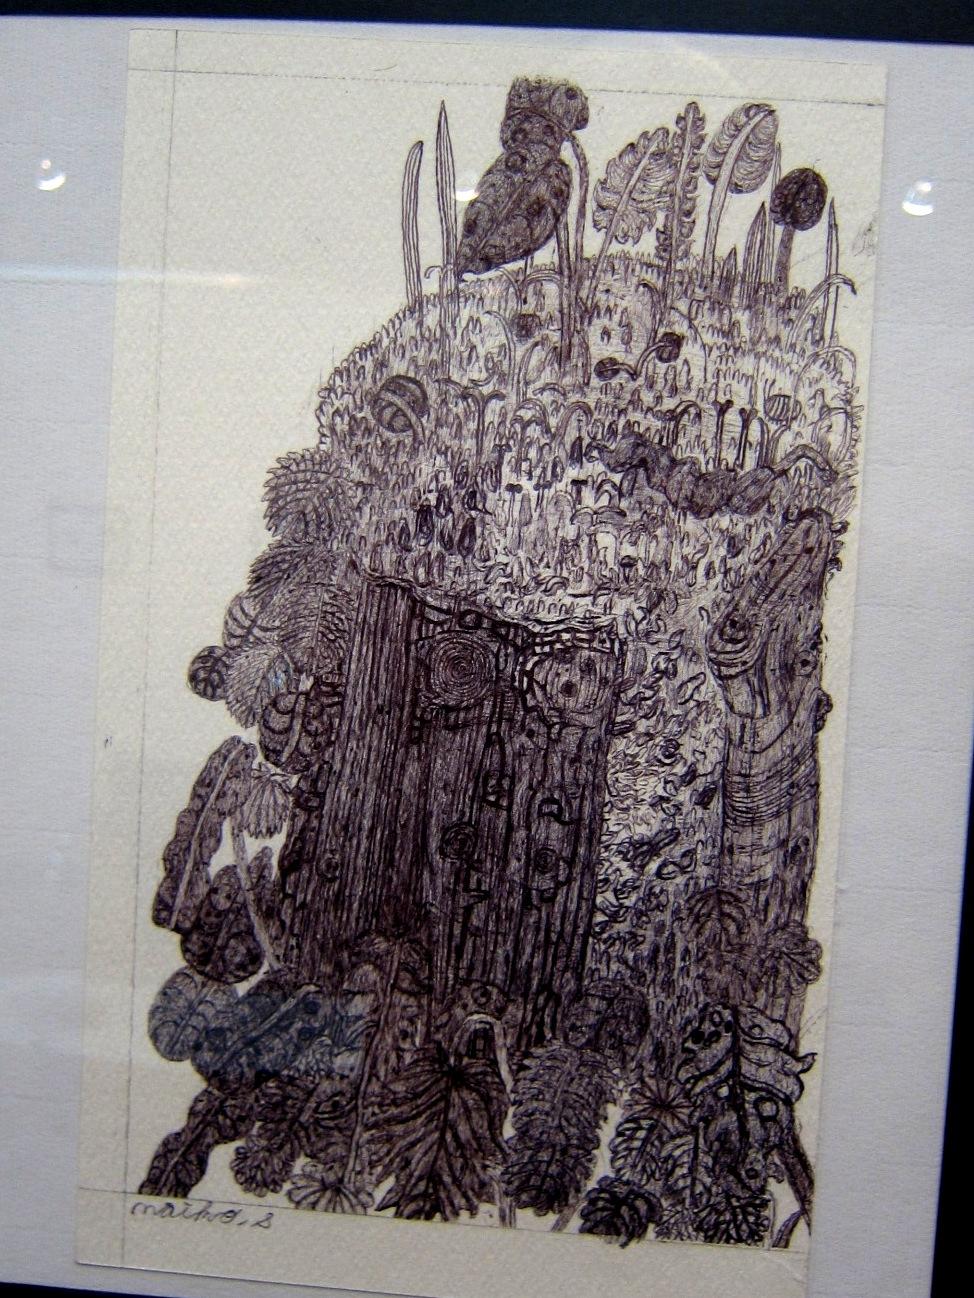 2163) 「鈴木麻衣子ボールペン画展 『クマと森』」 時計台 8月19日(月)~8月24日(土)   _f0126829_13492244.jpg